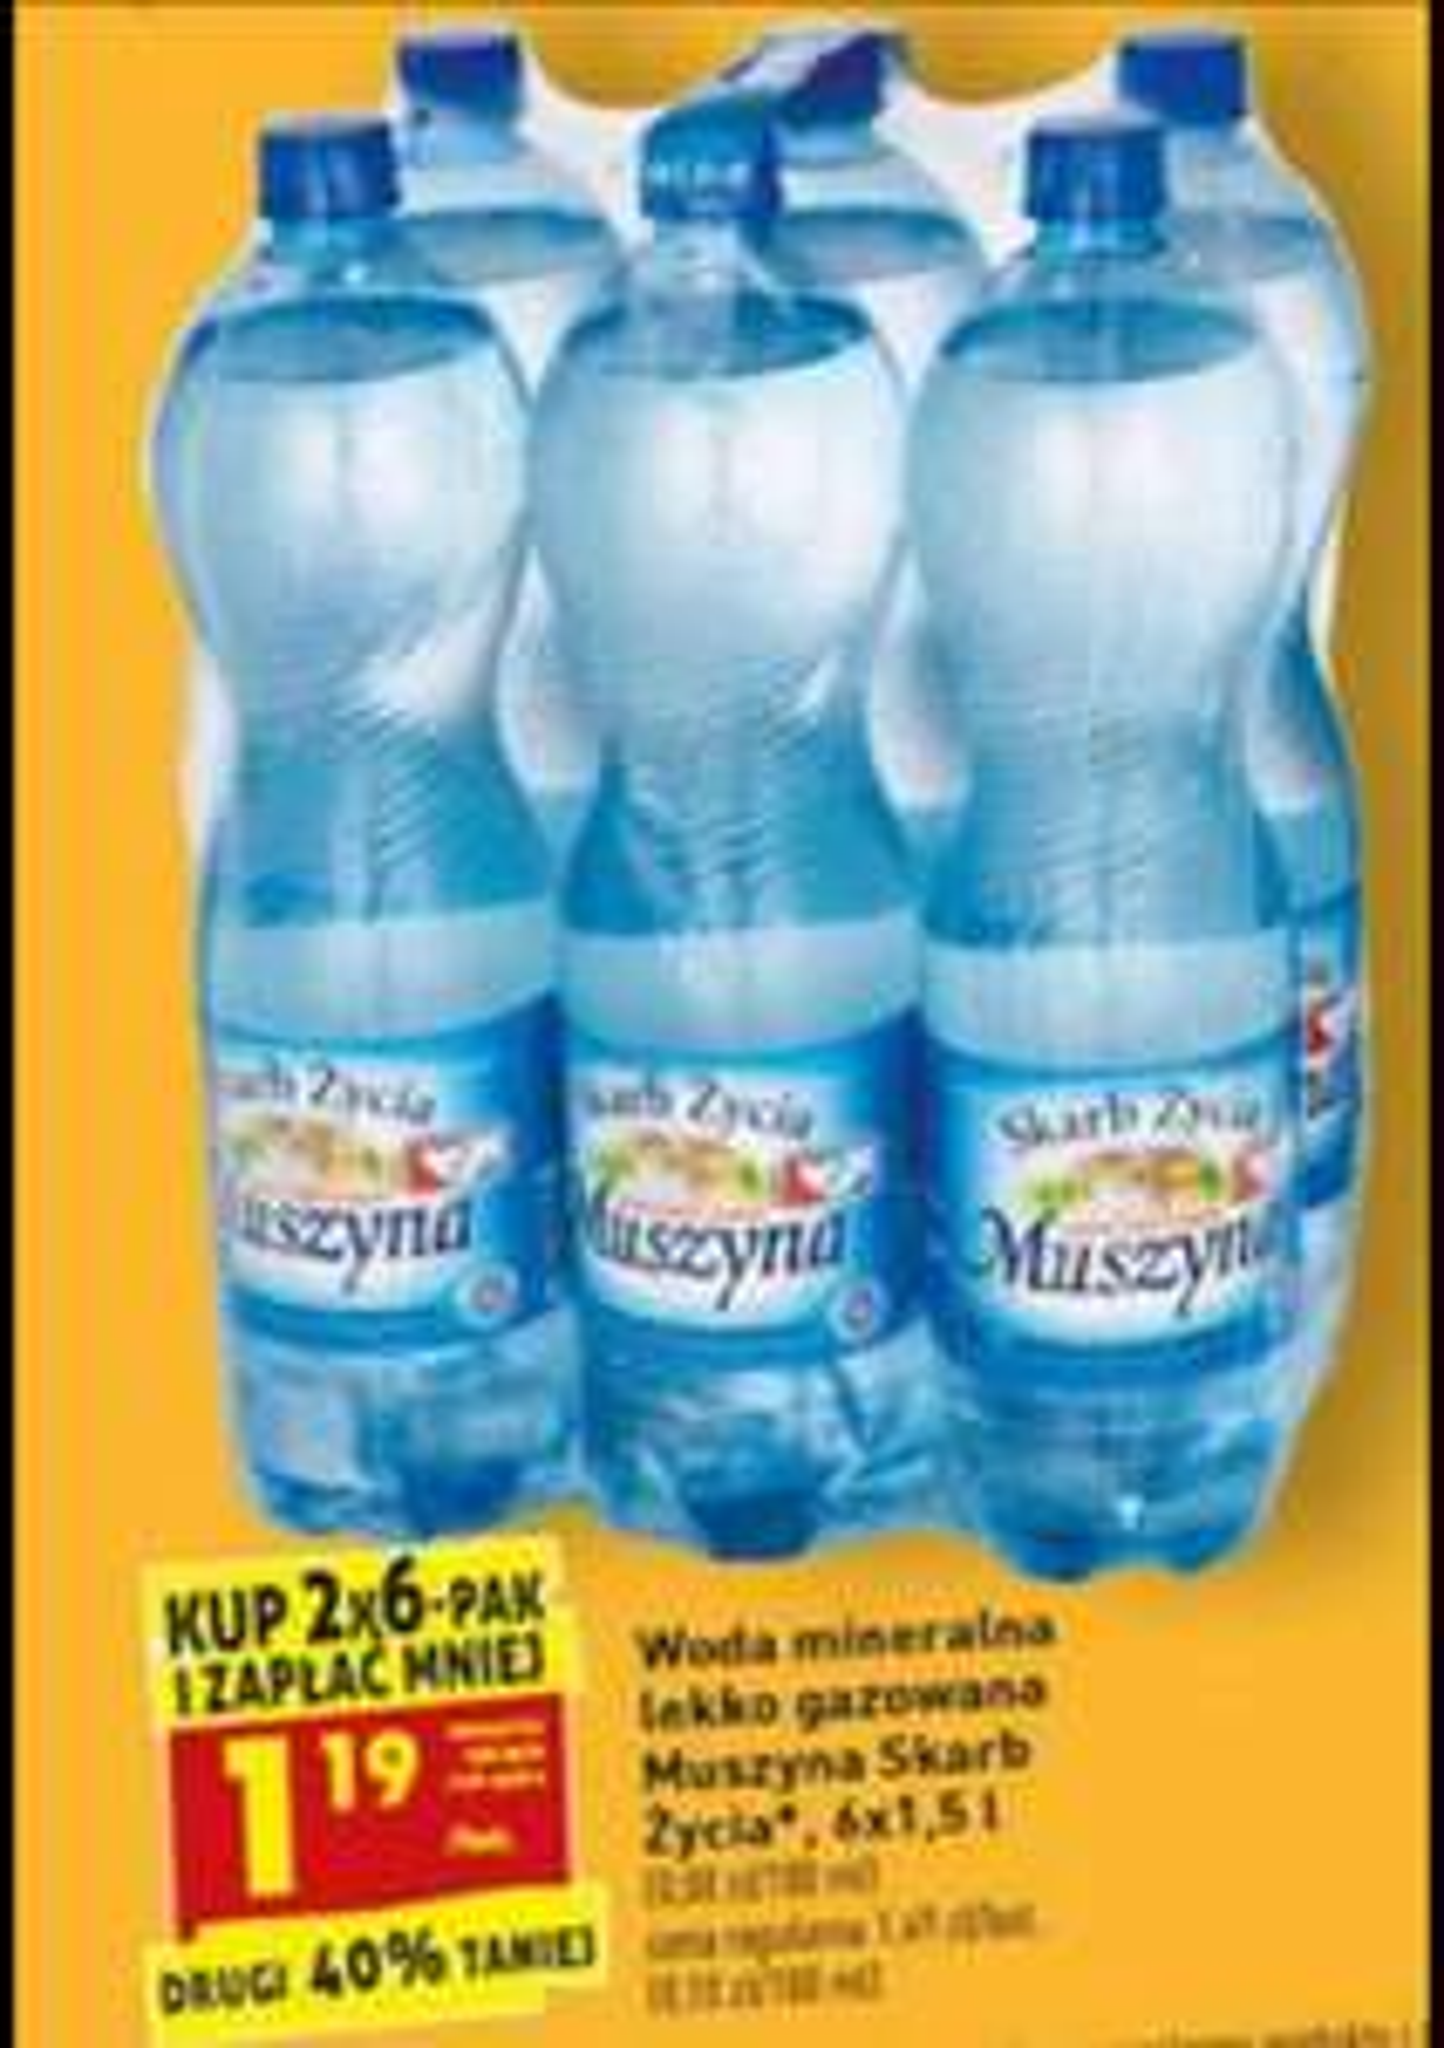 Woda mineralna lekko gazowana Muszyna 6x1,5 L 1,19 zł Biedronka